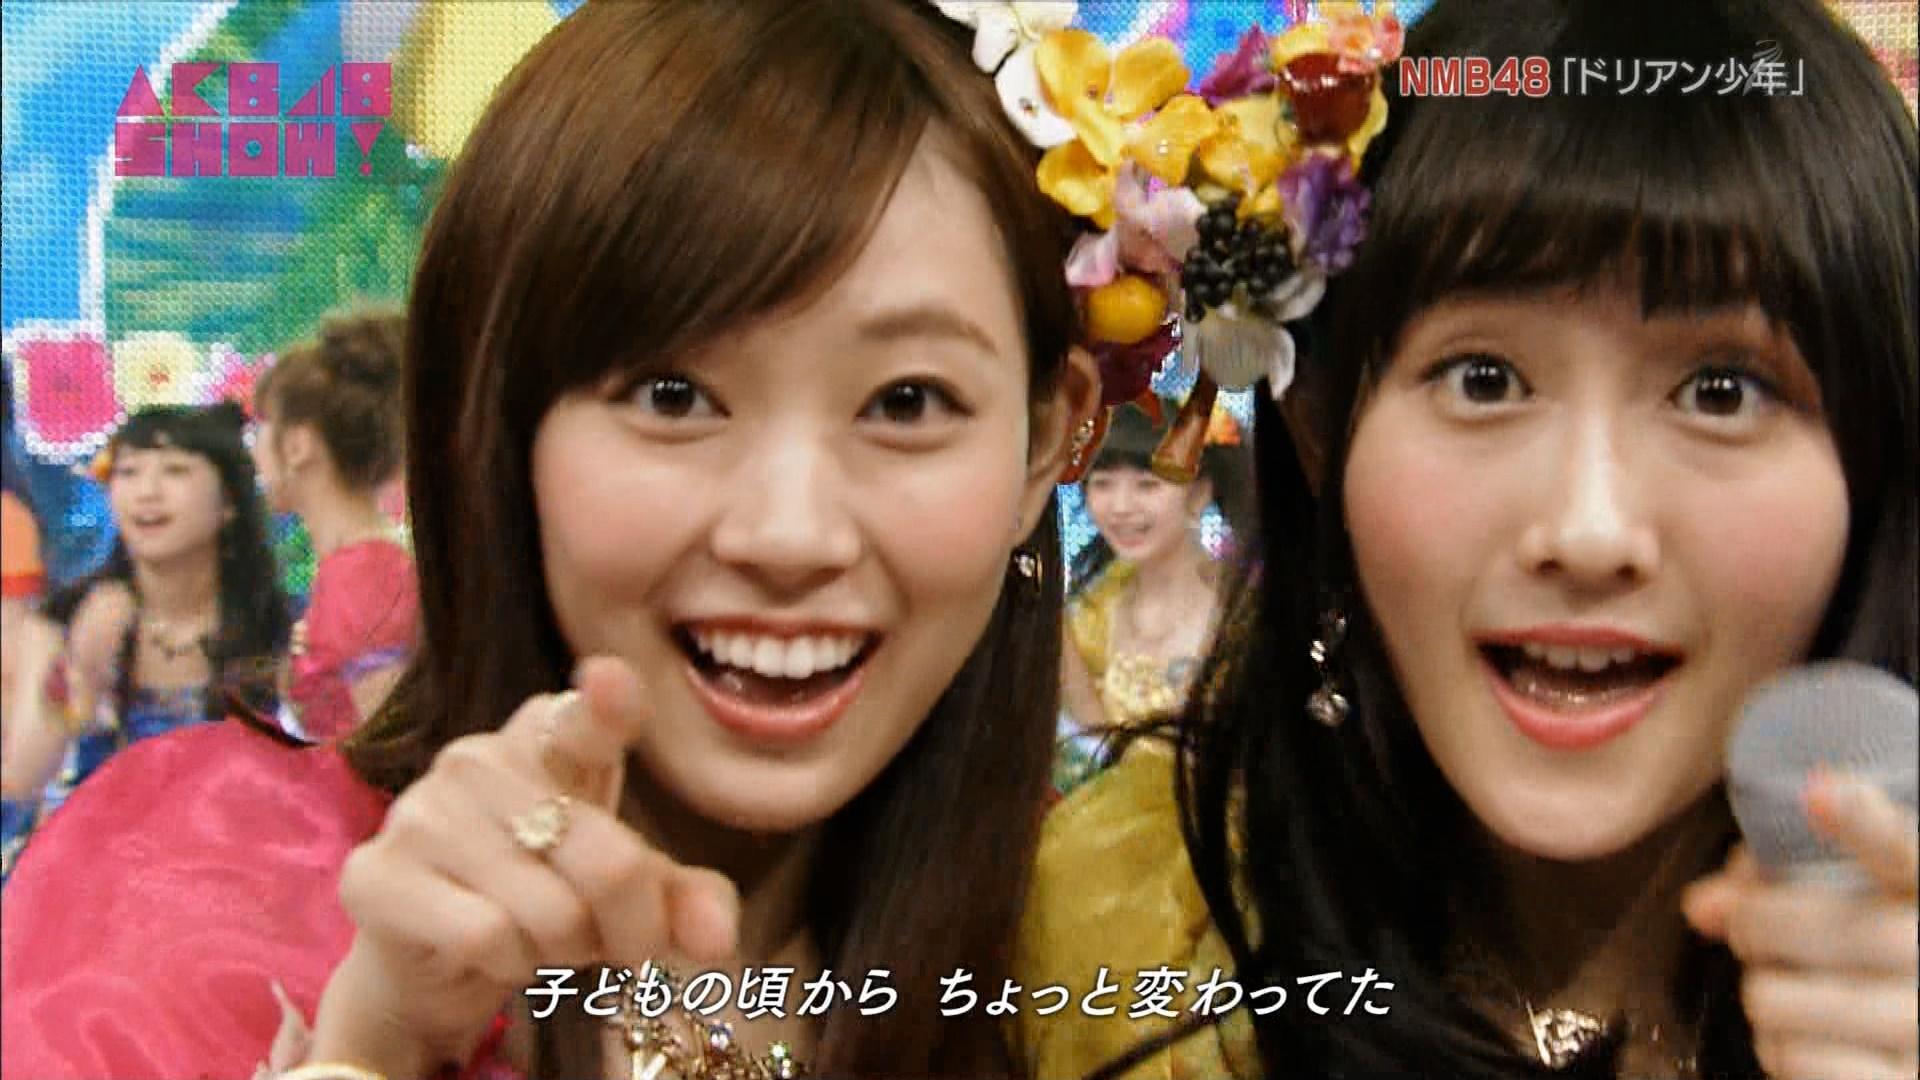 矢倉楓子 NMB48ドリアン少年 AKB48SHOW20150613 (3)